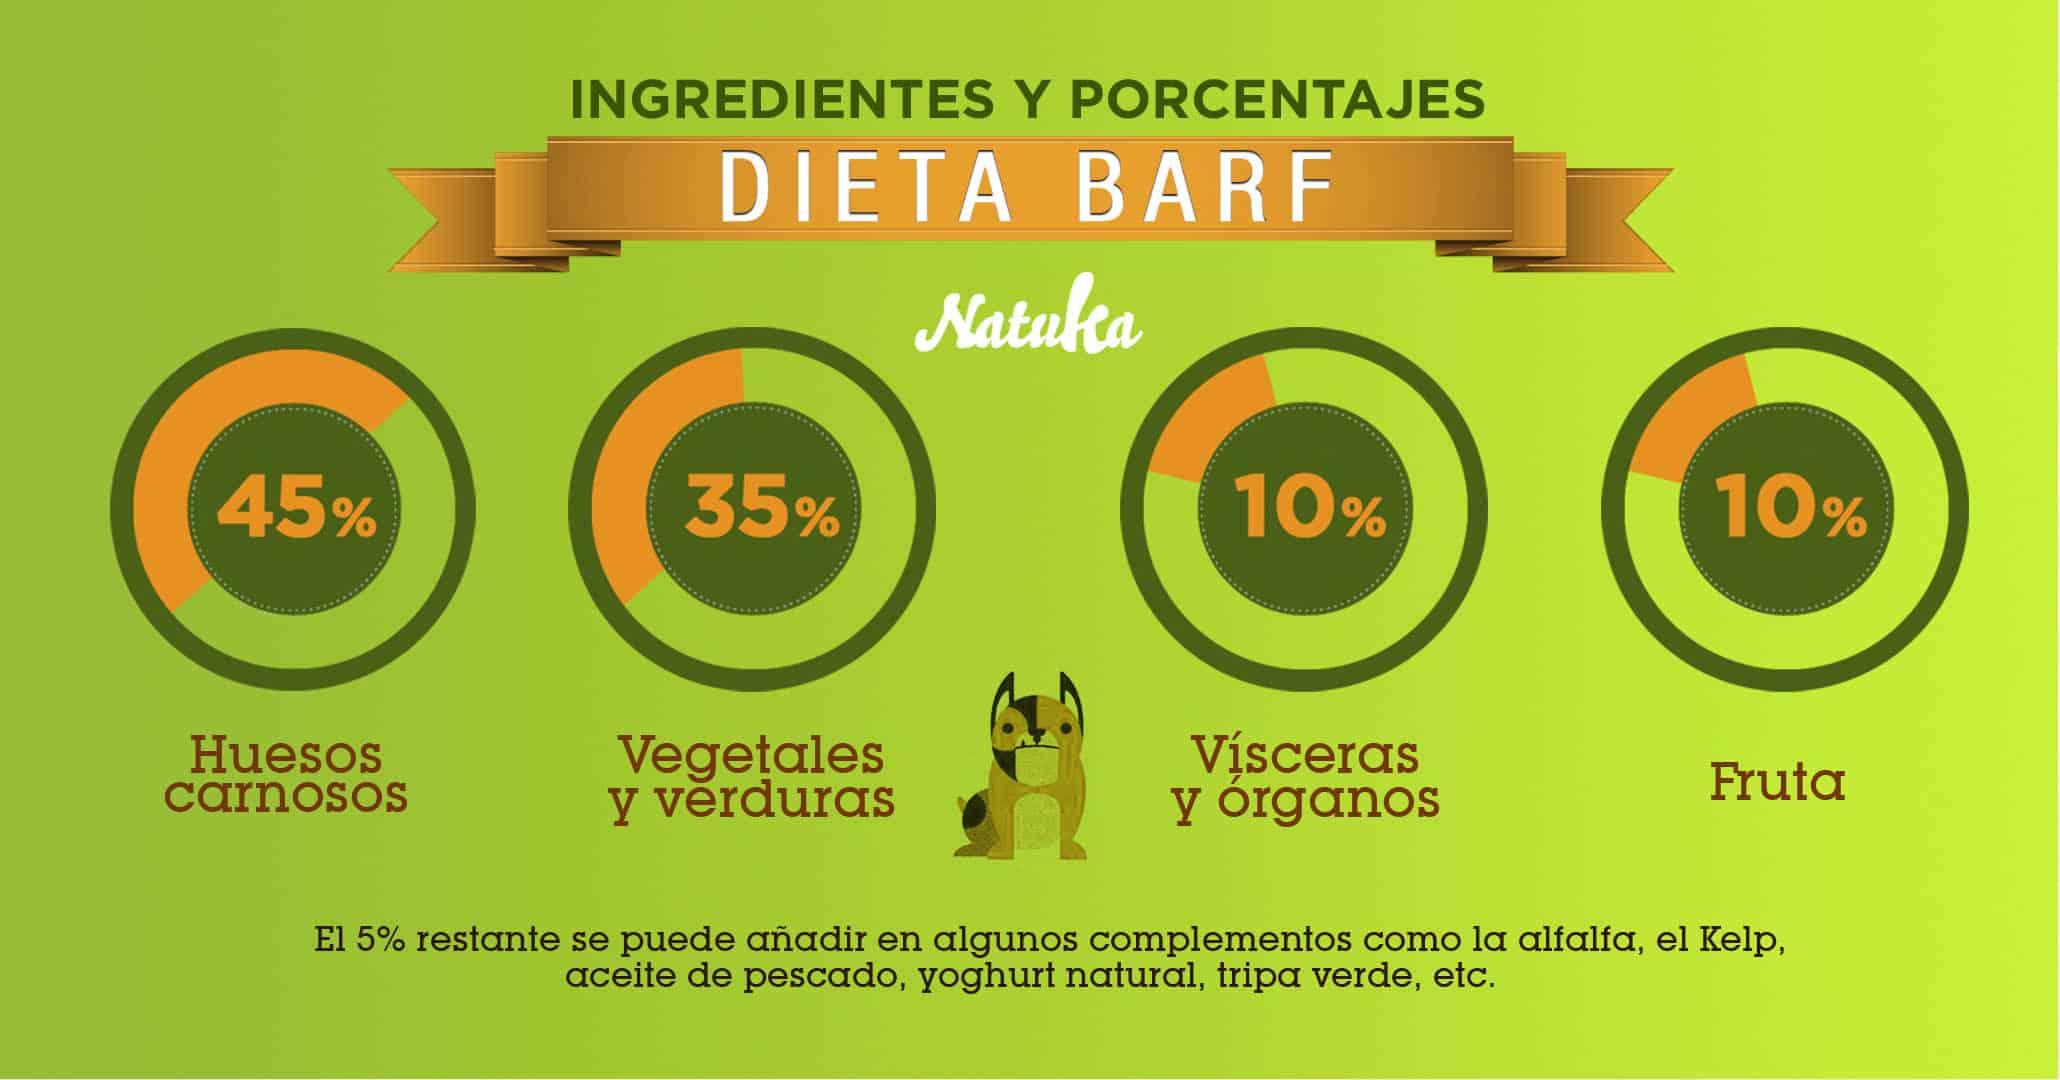 Ingredientes y porcentajes de la Dieta Barf para perros